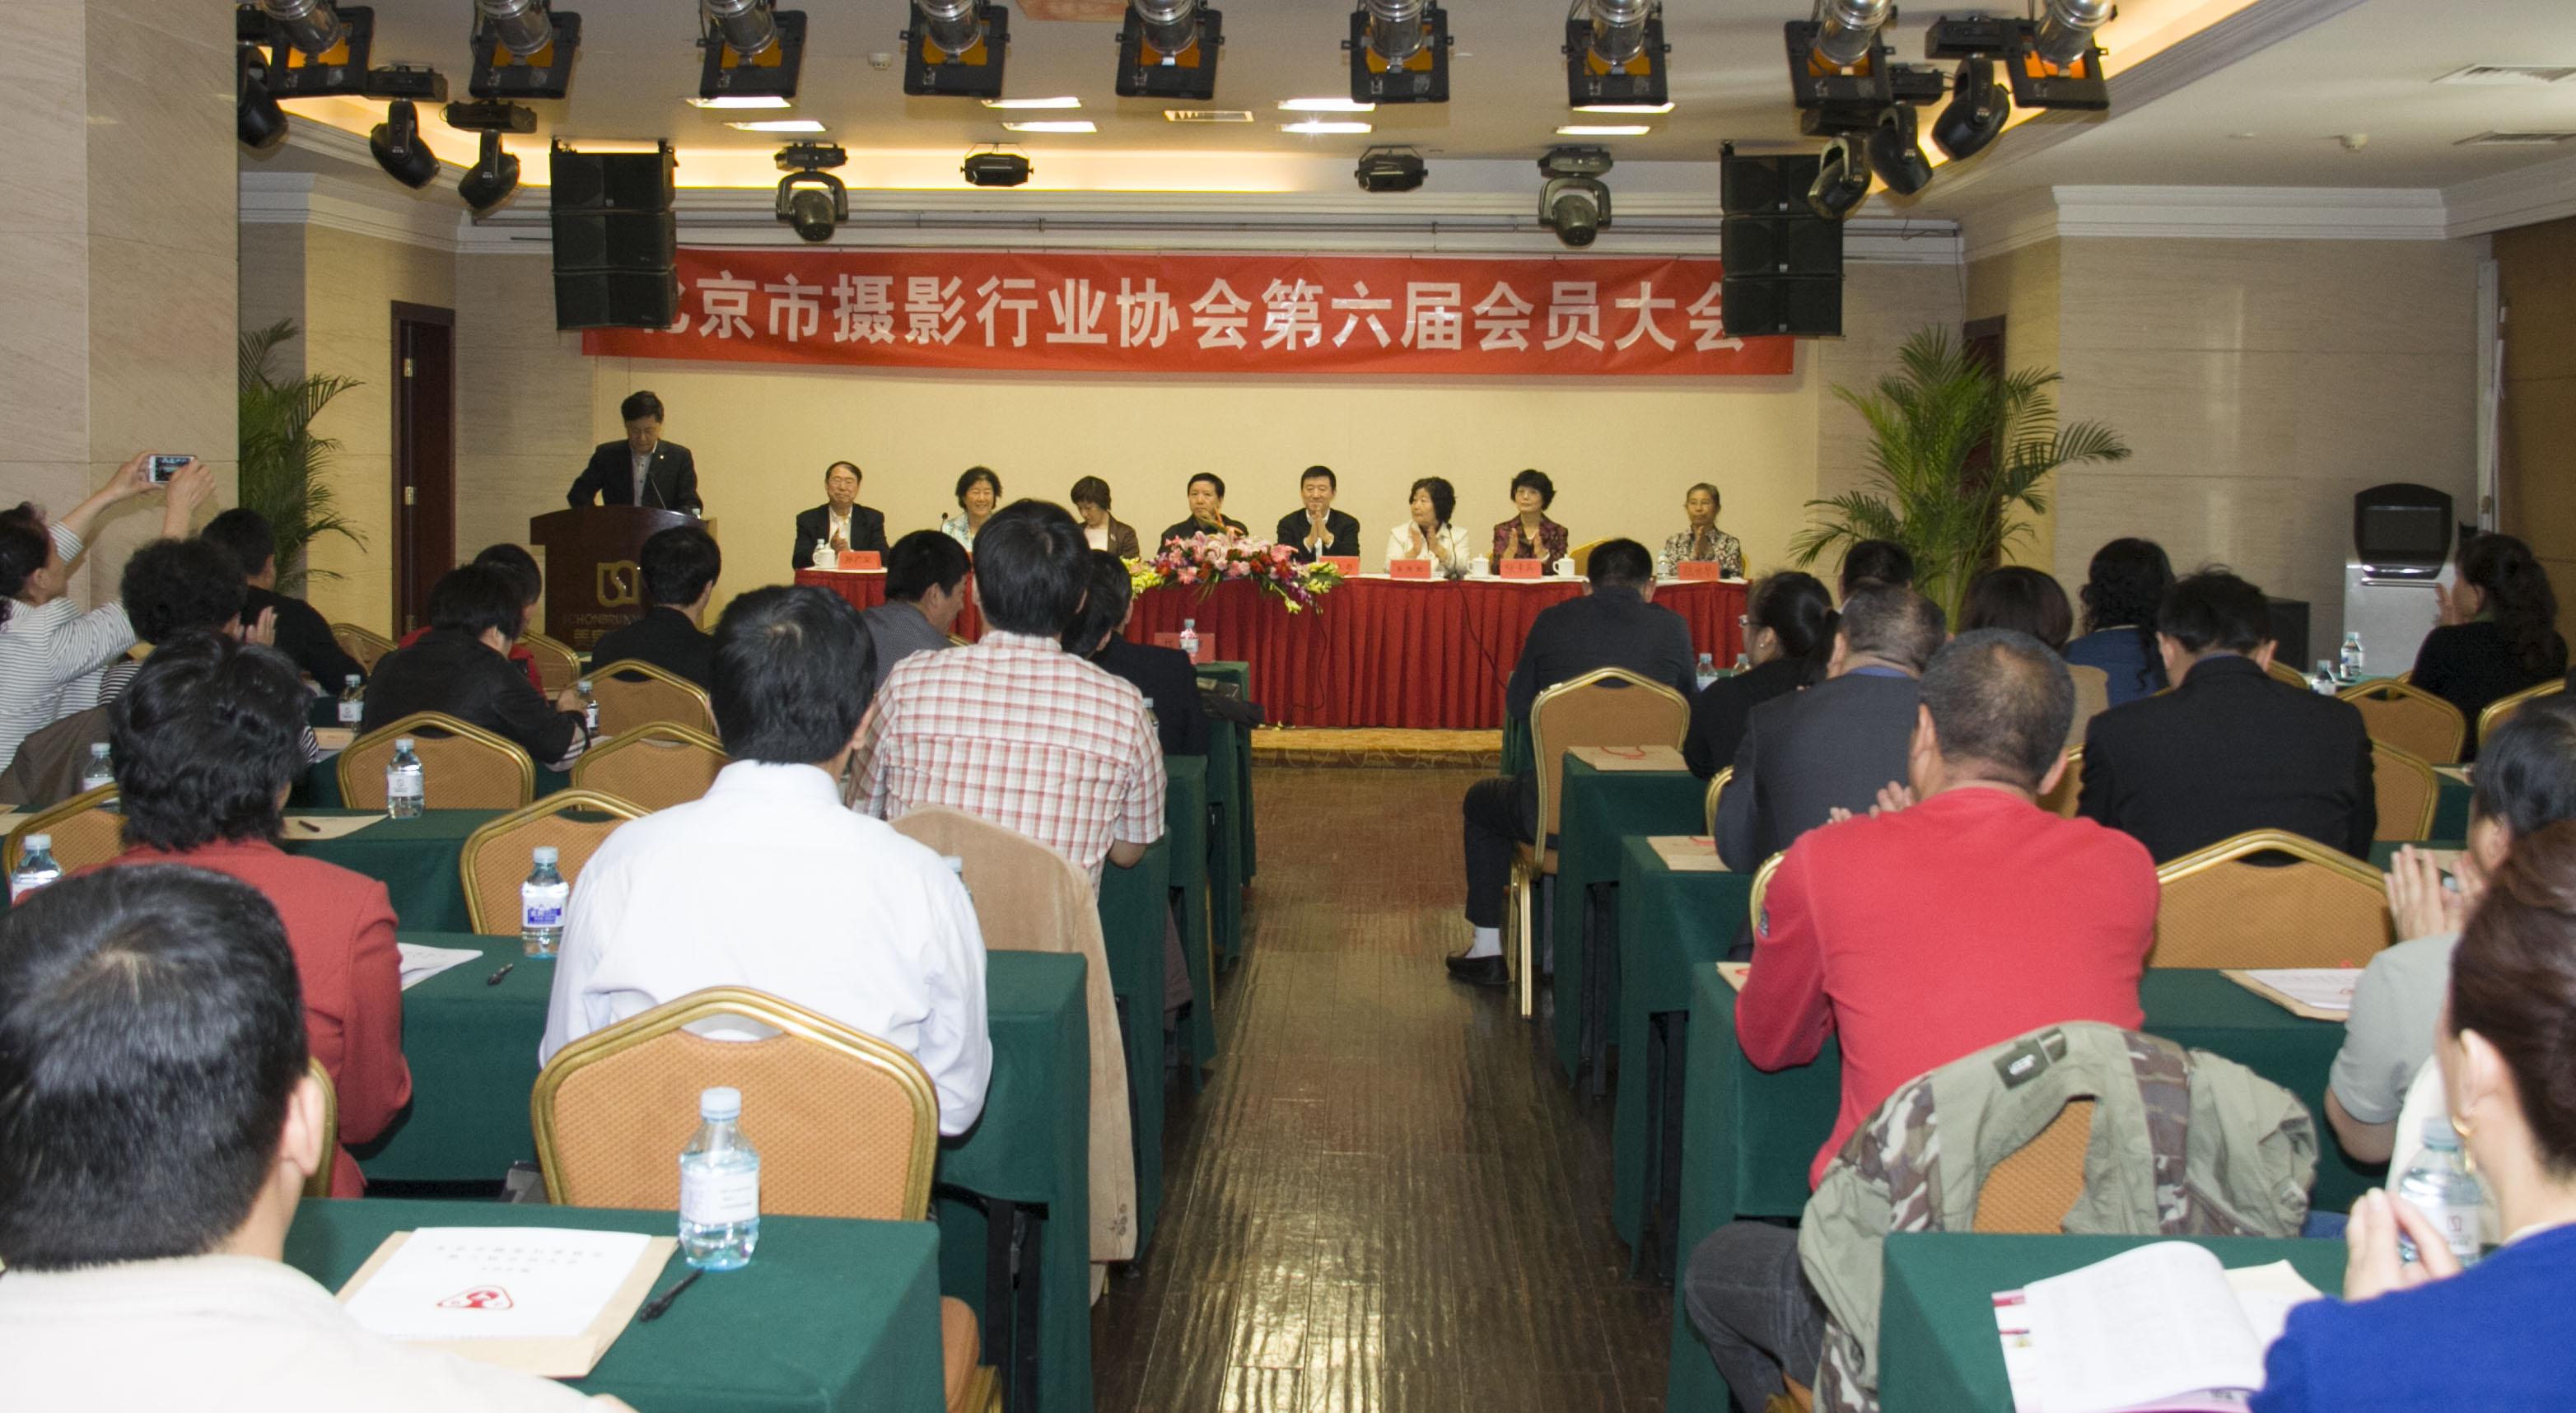 最新影楼资讯新闻-北京市摄影行业协会换届选举工作圆满结束